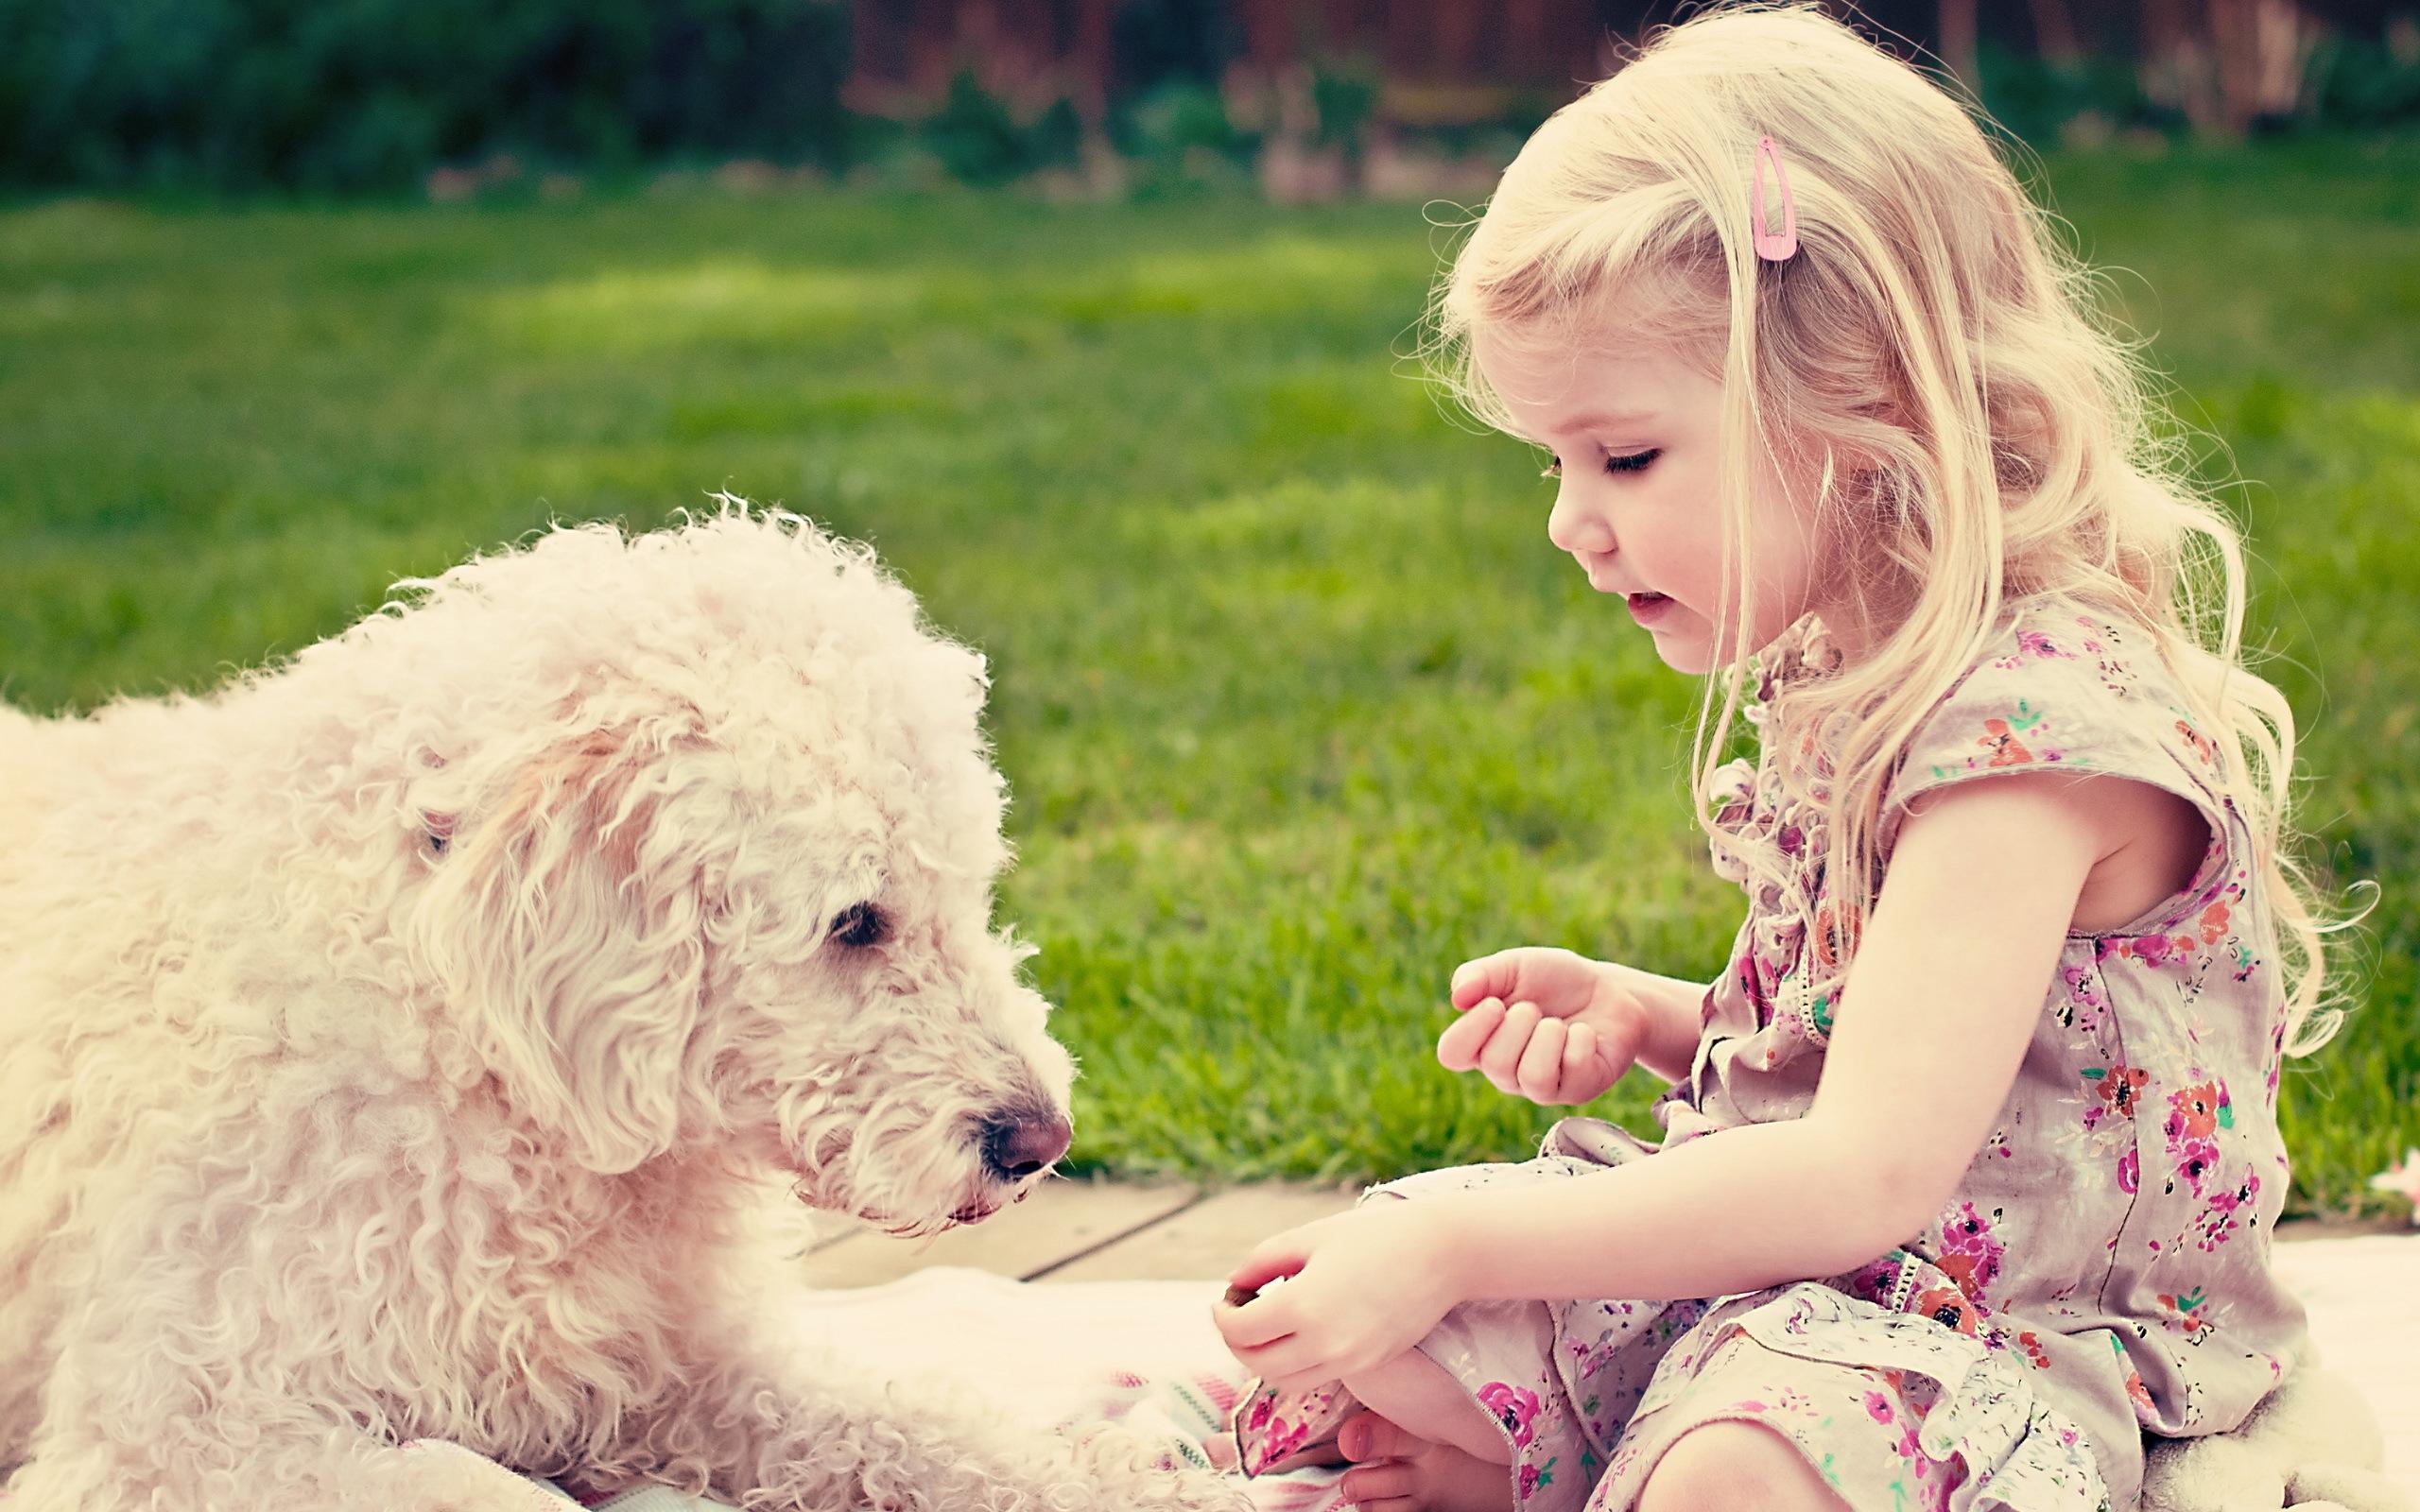 природа животные собака девочка жизнь nature animals dog girl life  № 3950994 загрузить